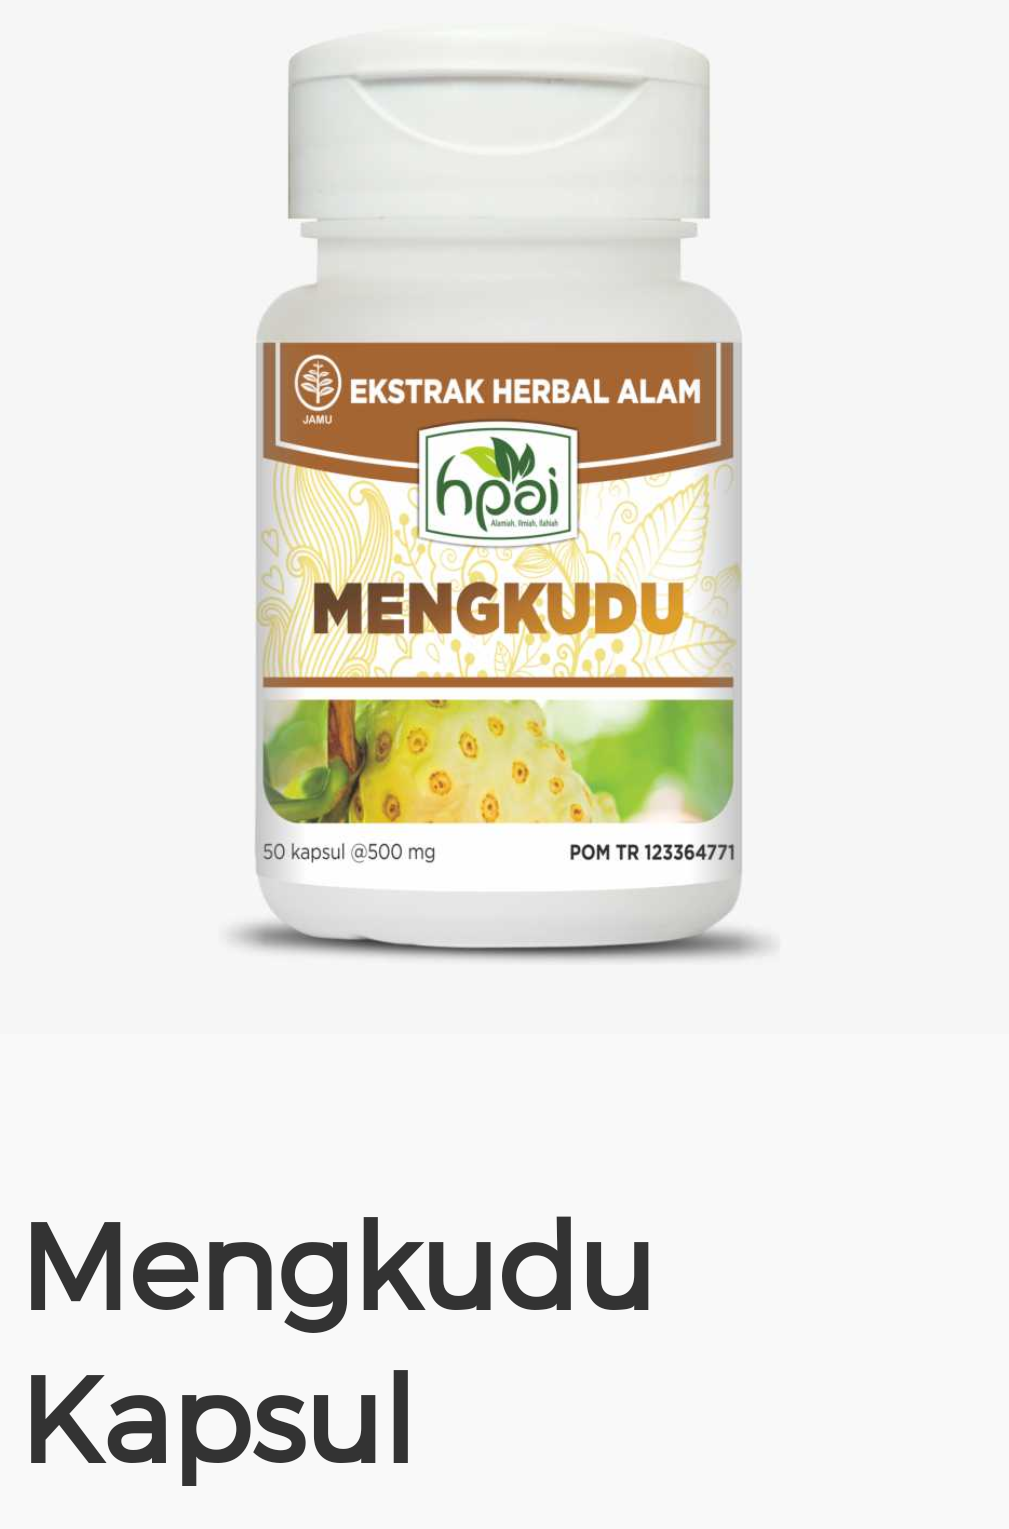 Herbal Alami Islami Hni Hpai 2018 Langsingin Mengkudu Kapsul Herba Yang Terbuat Dari Buah Pilihan Mempunyai Khasiat Meringankan Gejala Tekanan Darah Tinggi Hipertensi